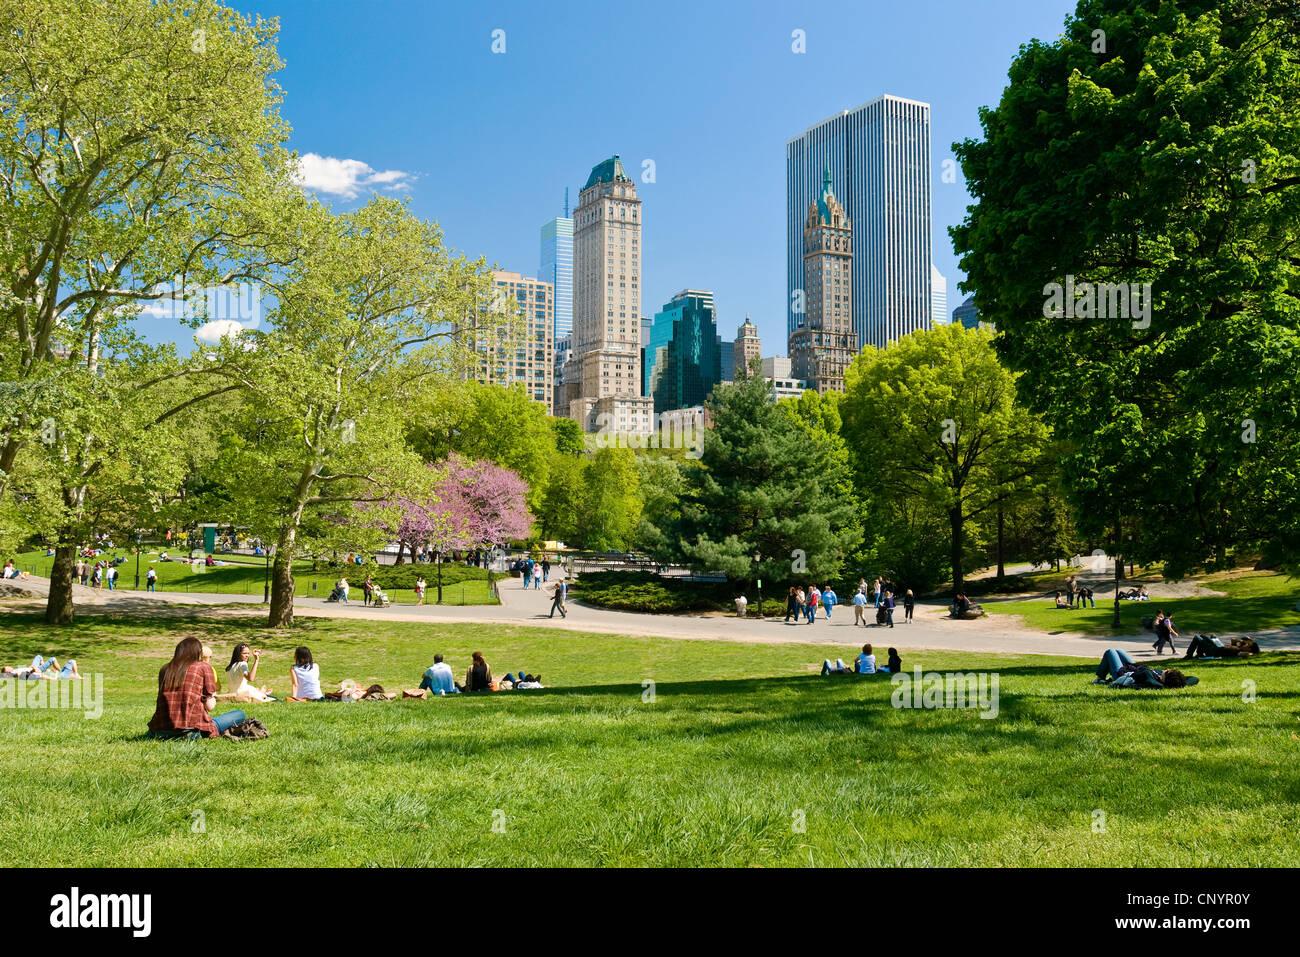 Menschen entspannen im Central Park in New York City im Frühling. Stockbild